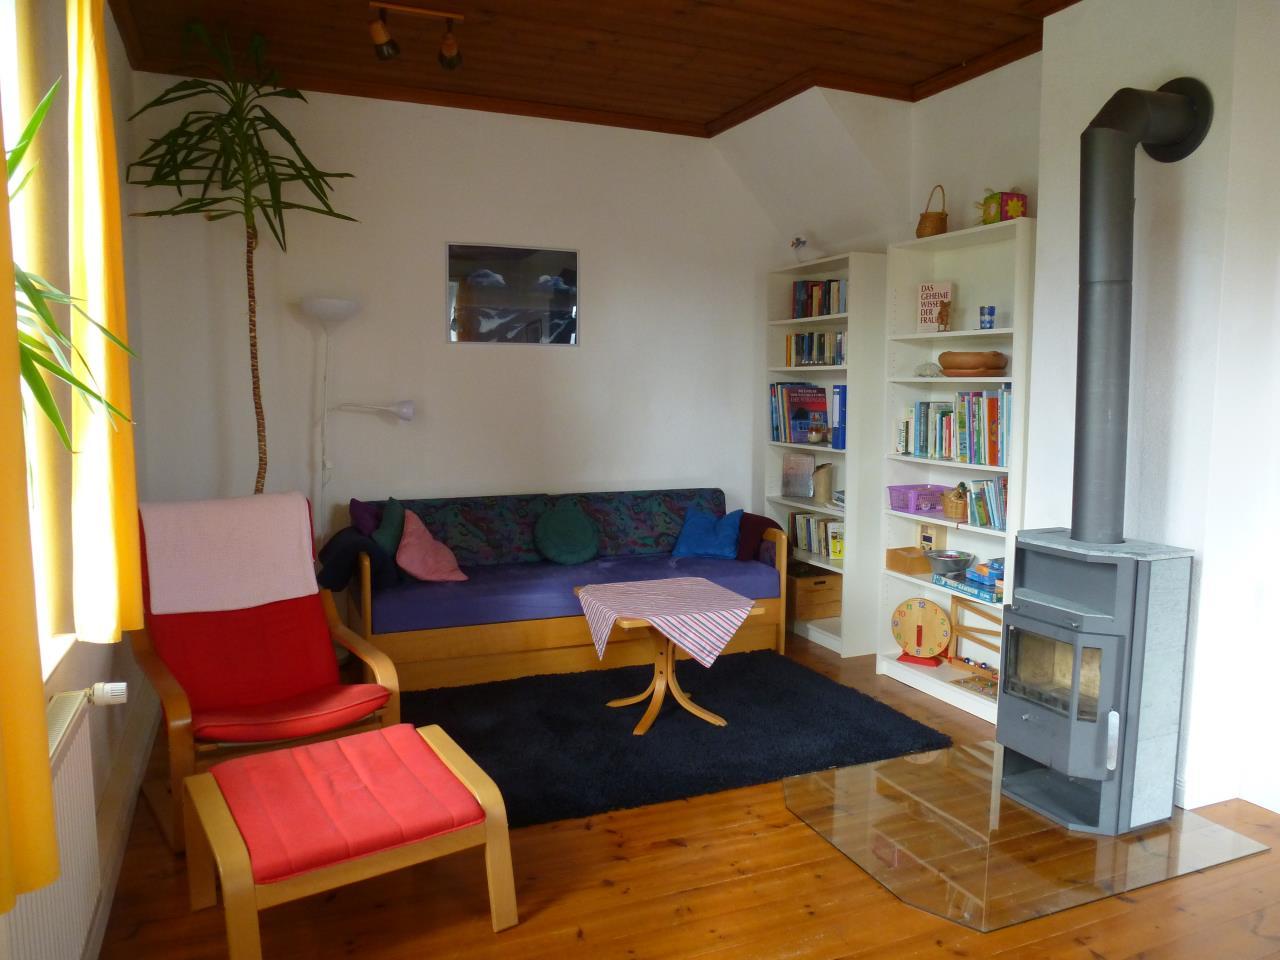 Ferienhaus-Ostsee-Schlei-Wohnzimmer-Kamin